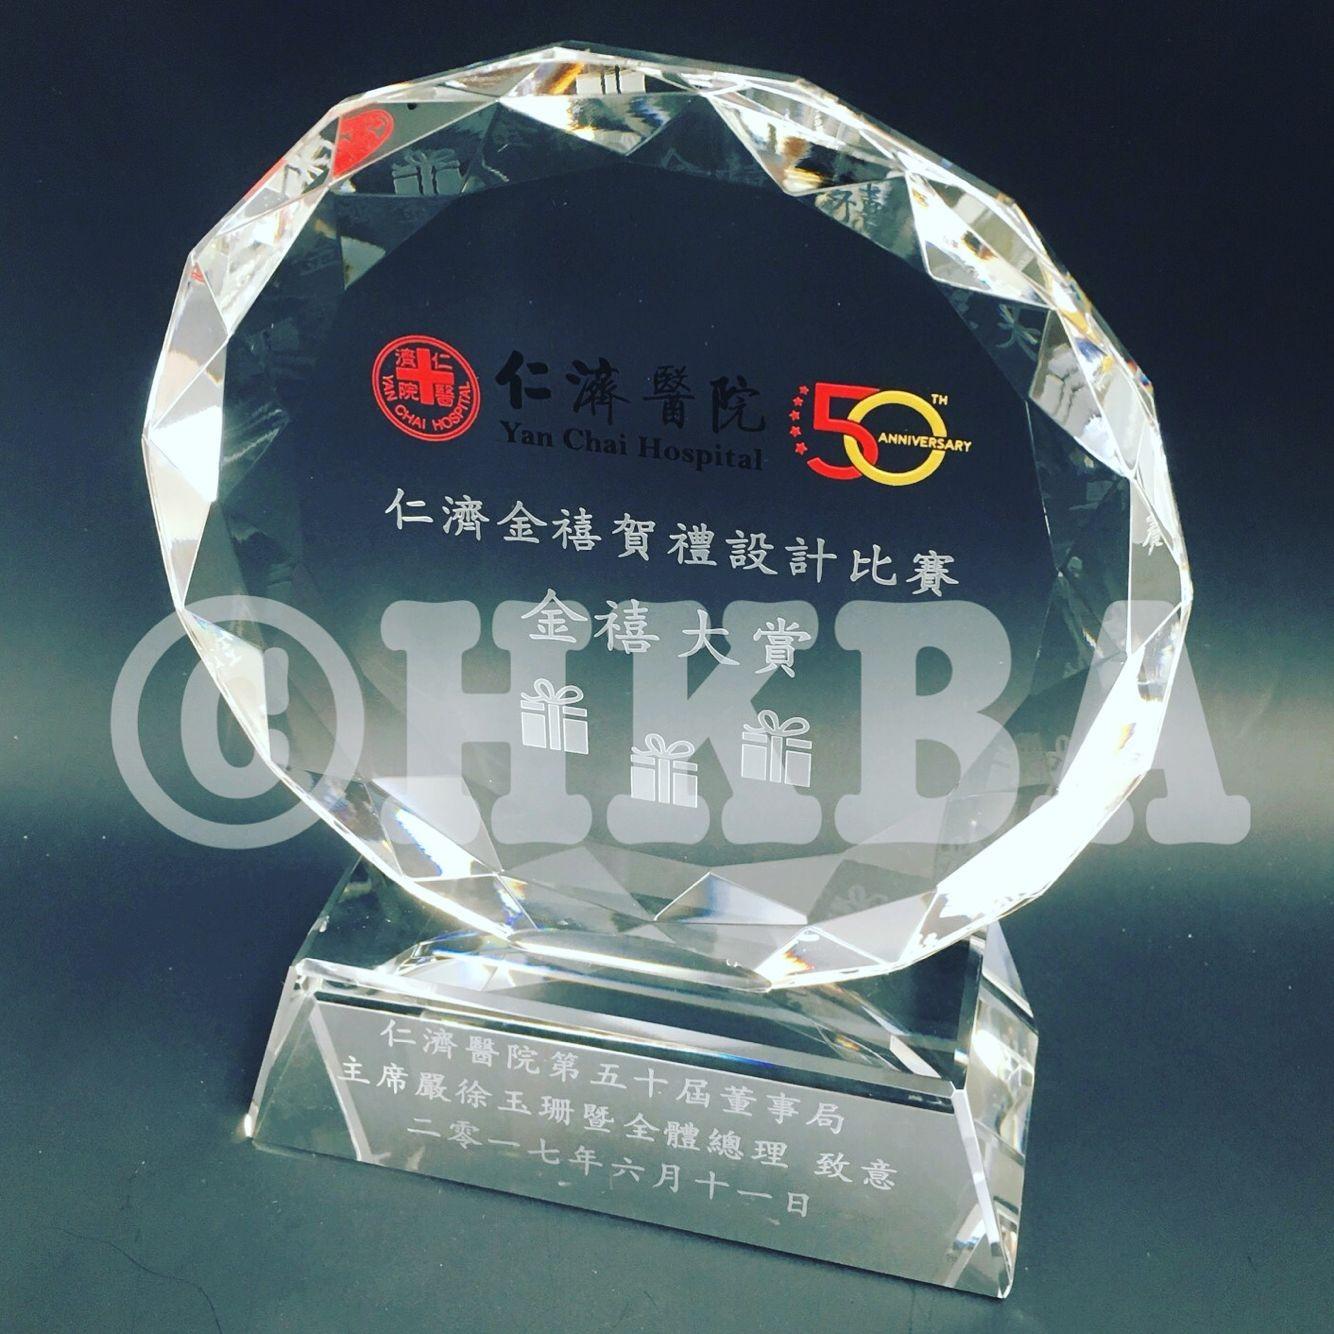 水晶獎座-仁濟太陽花圓形水晶獎座a JR0223 - 香港優質奬品設計公司 - 案例分享